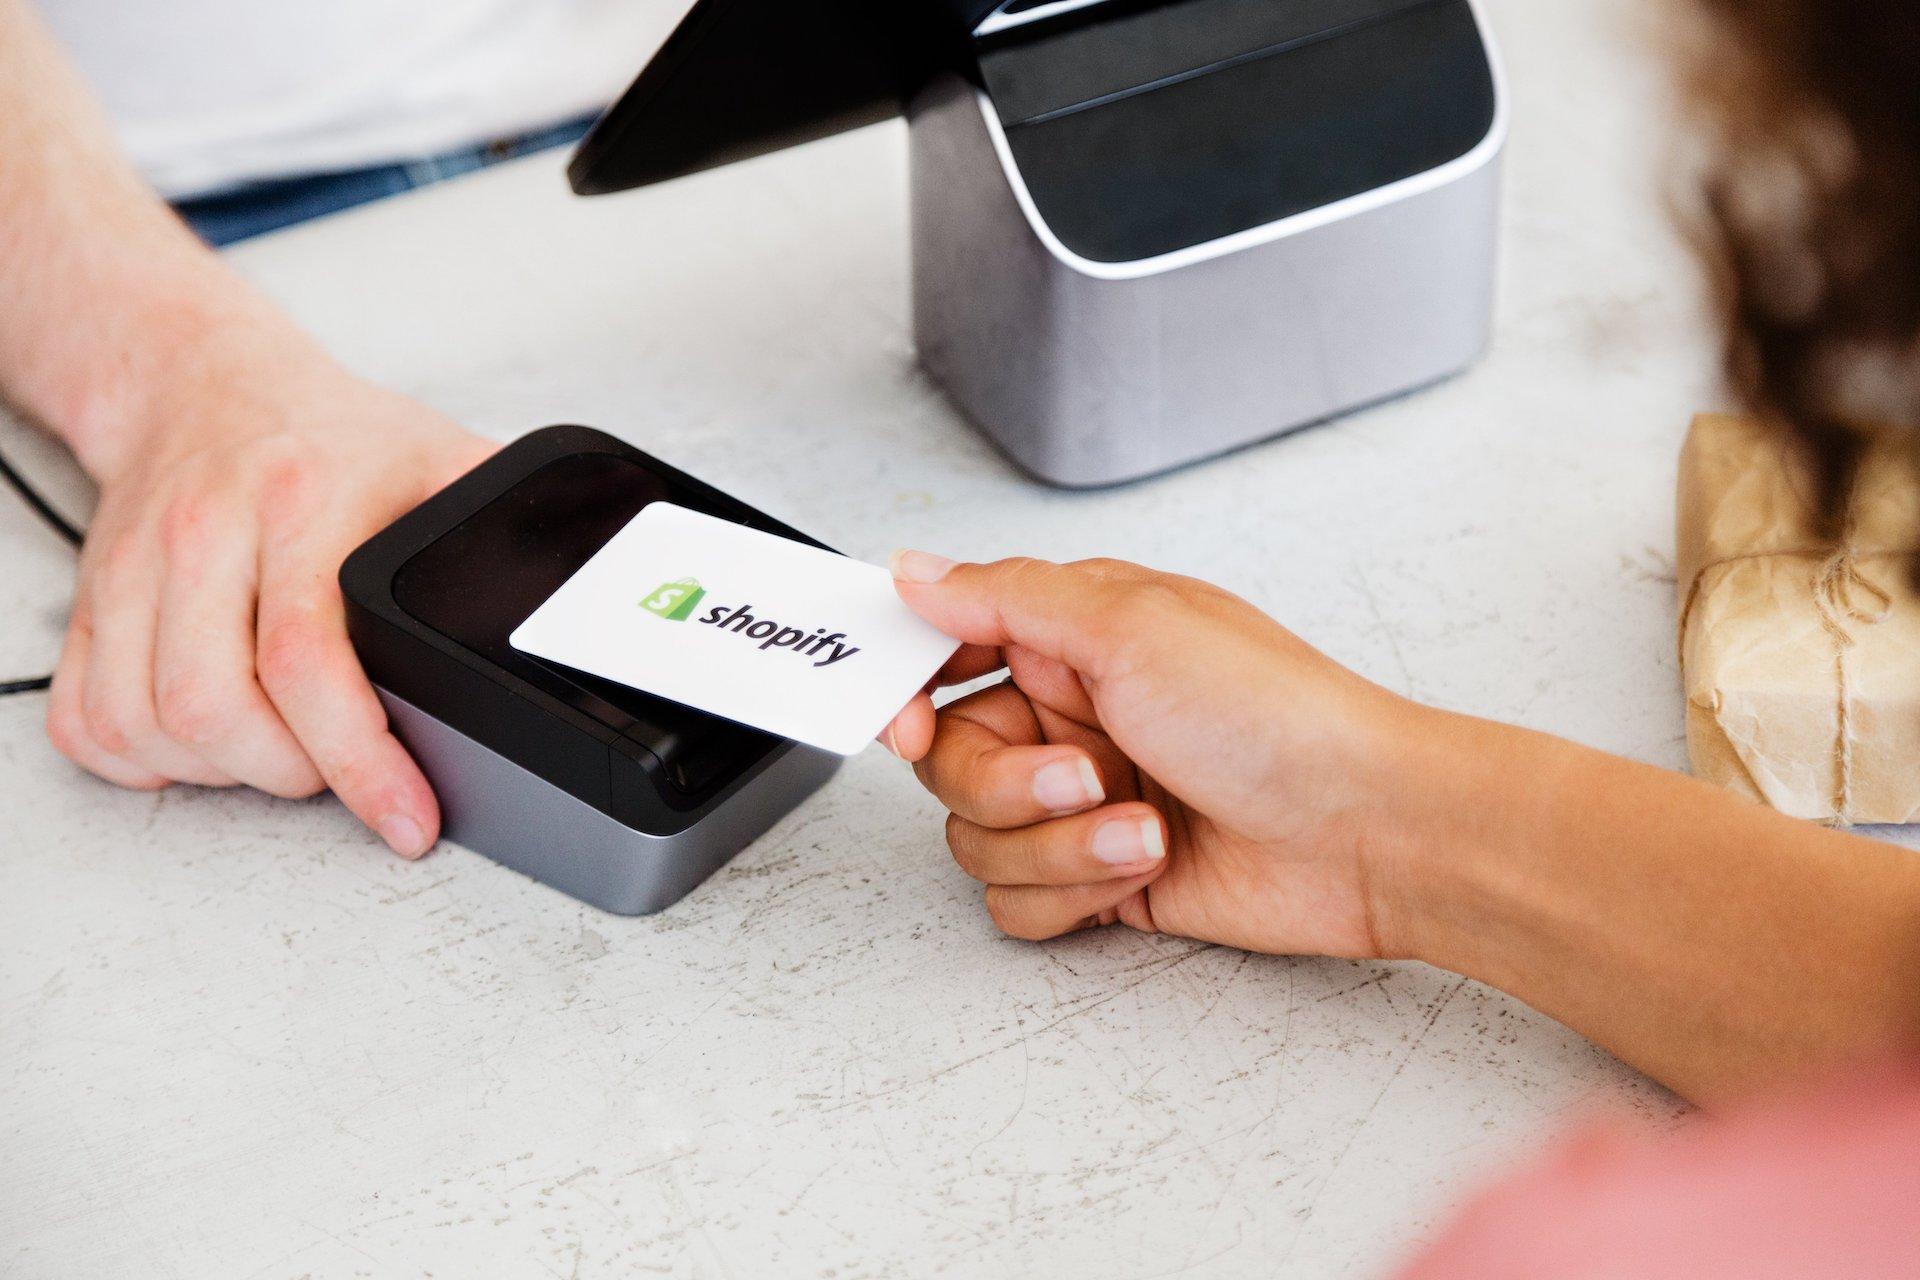 Come Cominciare a Vendere con Shopify? Guida per Beginners